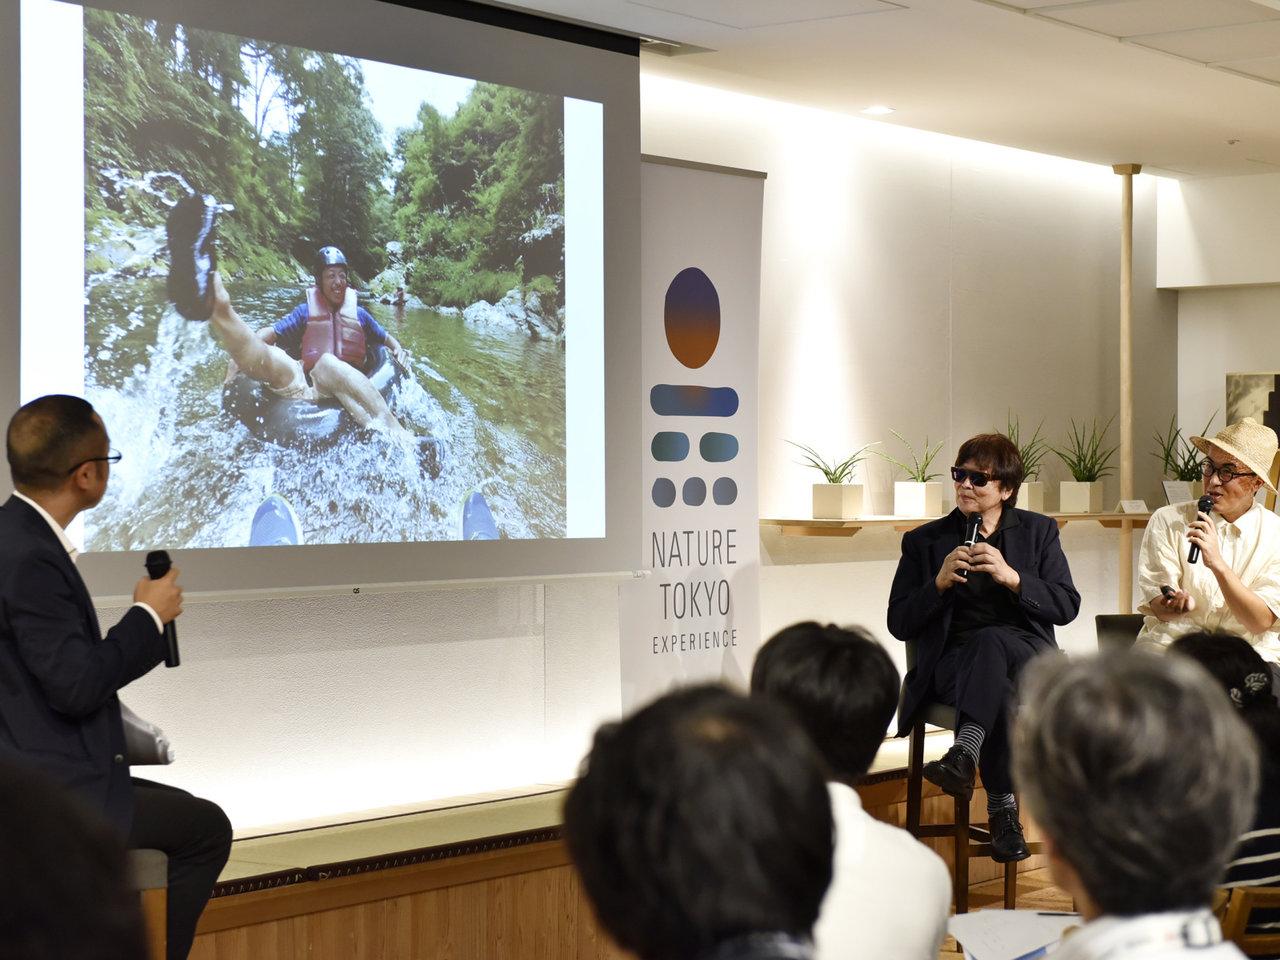 東京の自然を体験と交流で楽しむ、新しいツーリズム支援がキックオフ!